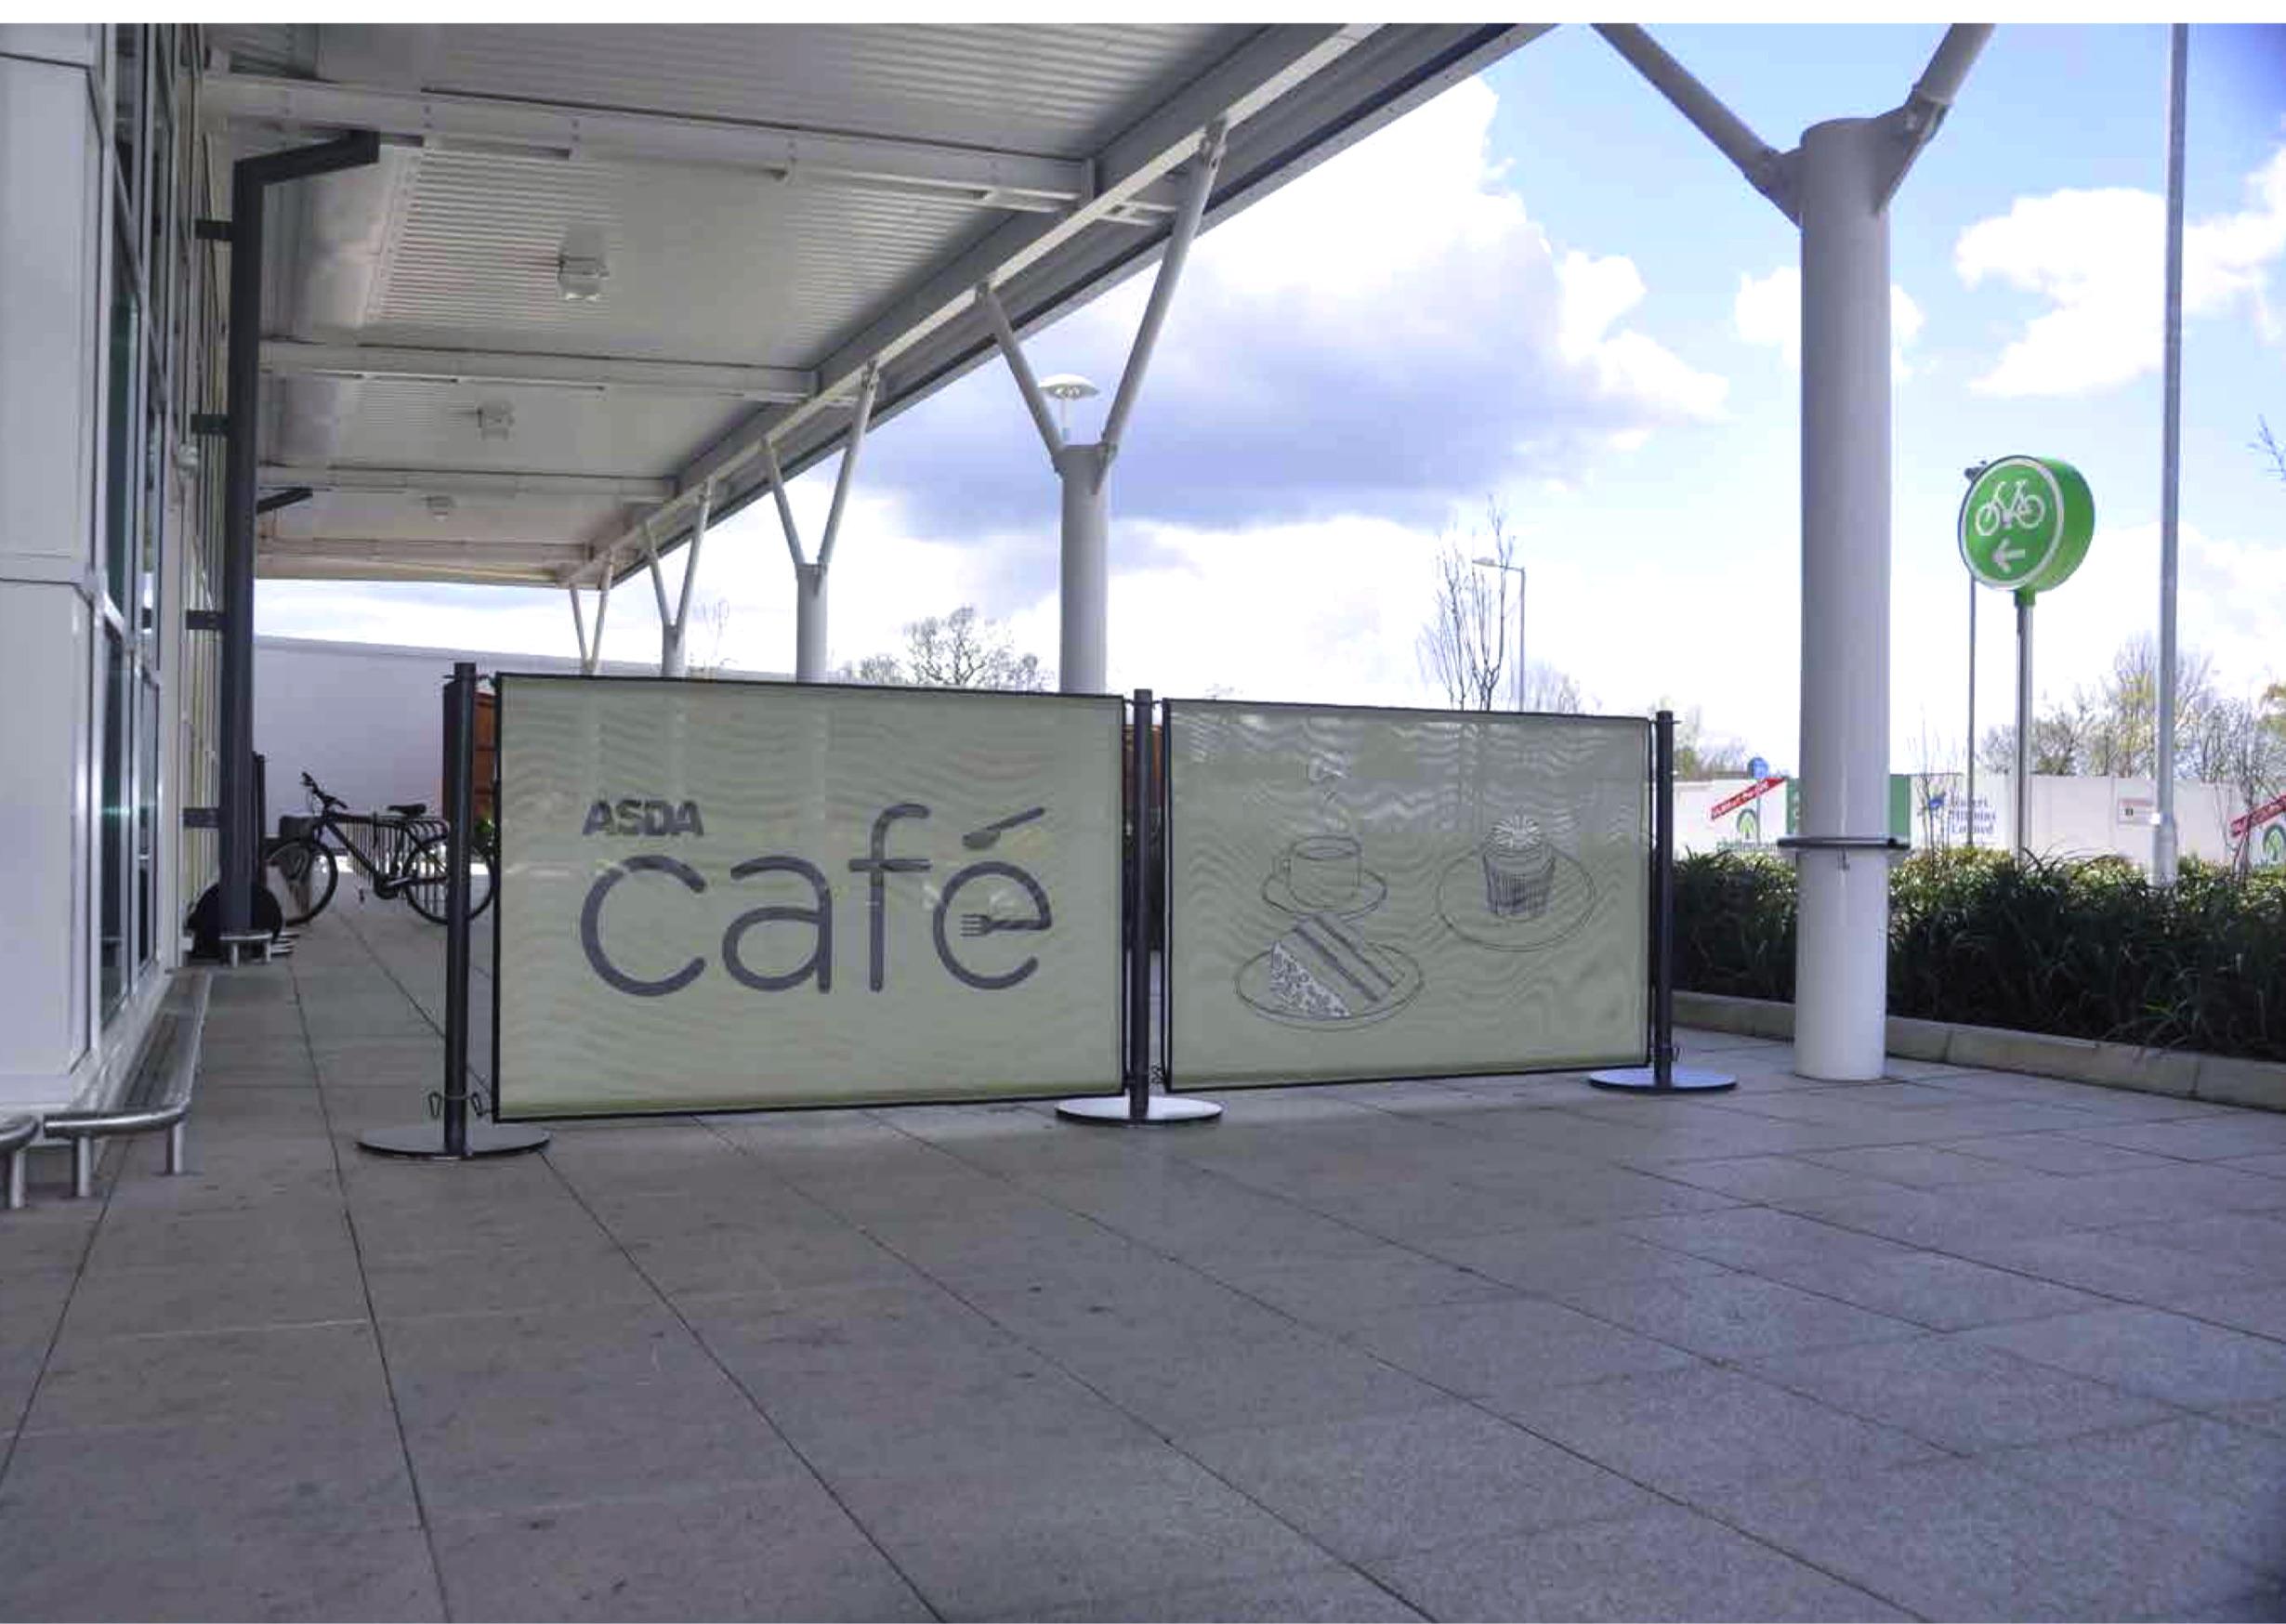 Asda Cafe Screens Mesh (3)_edited